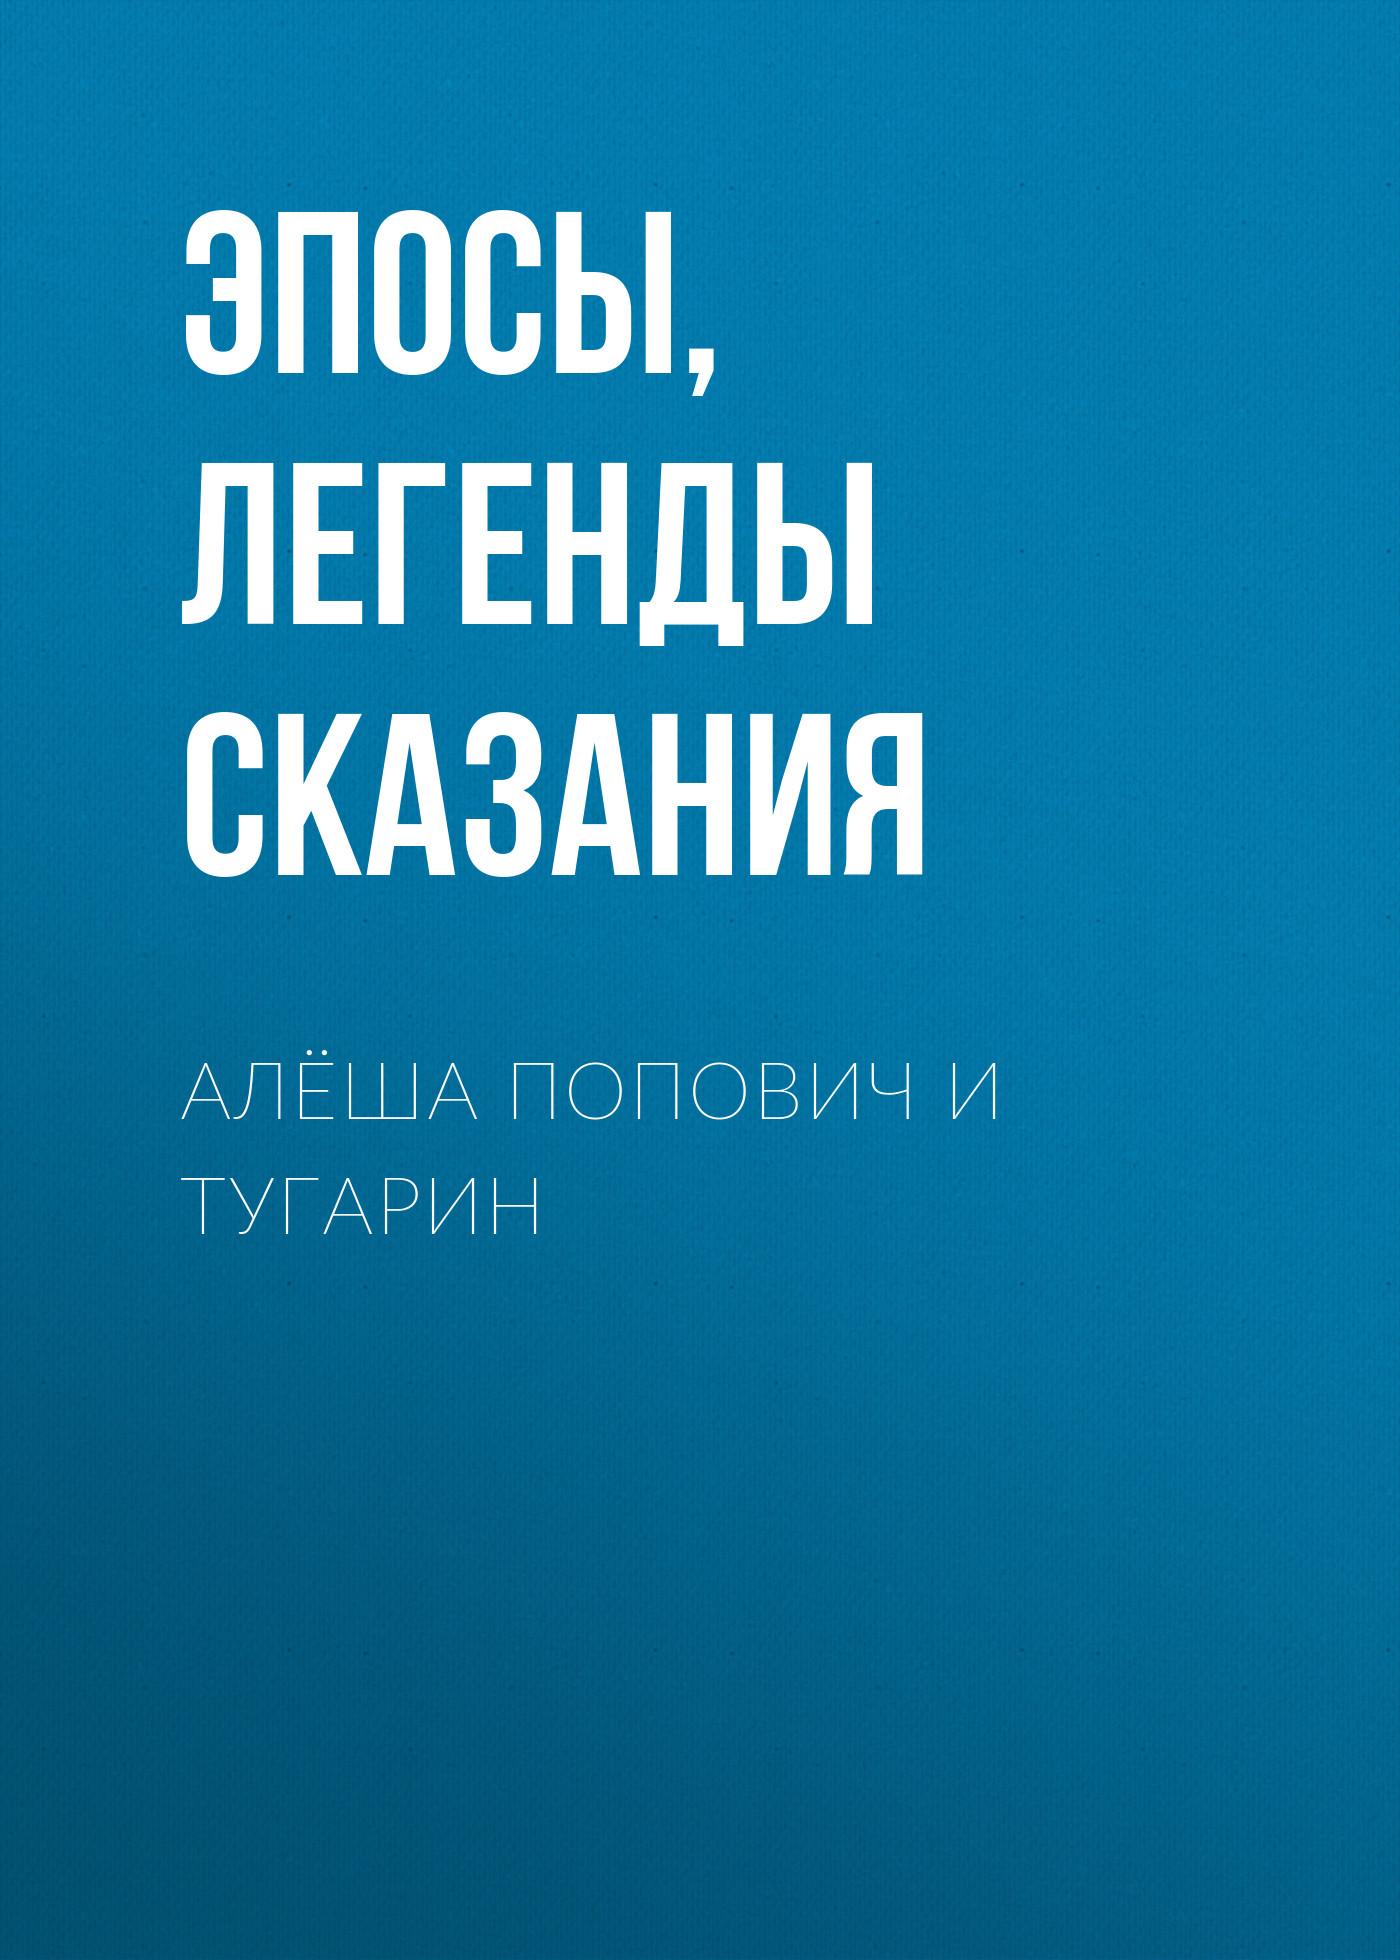 Купить книгу Алёша Попович и Тугарин, автора